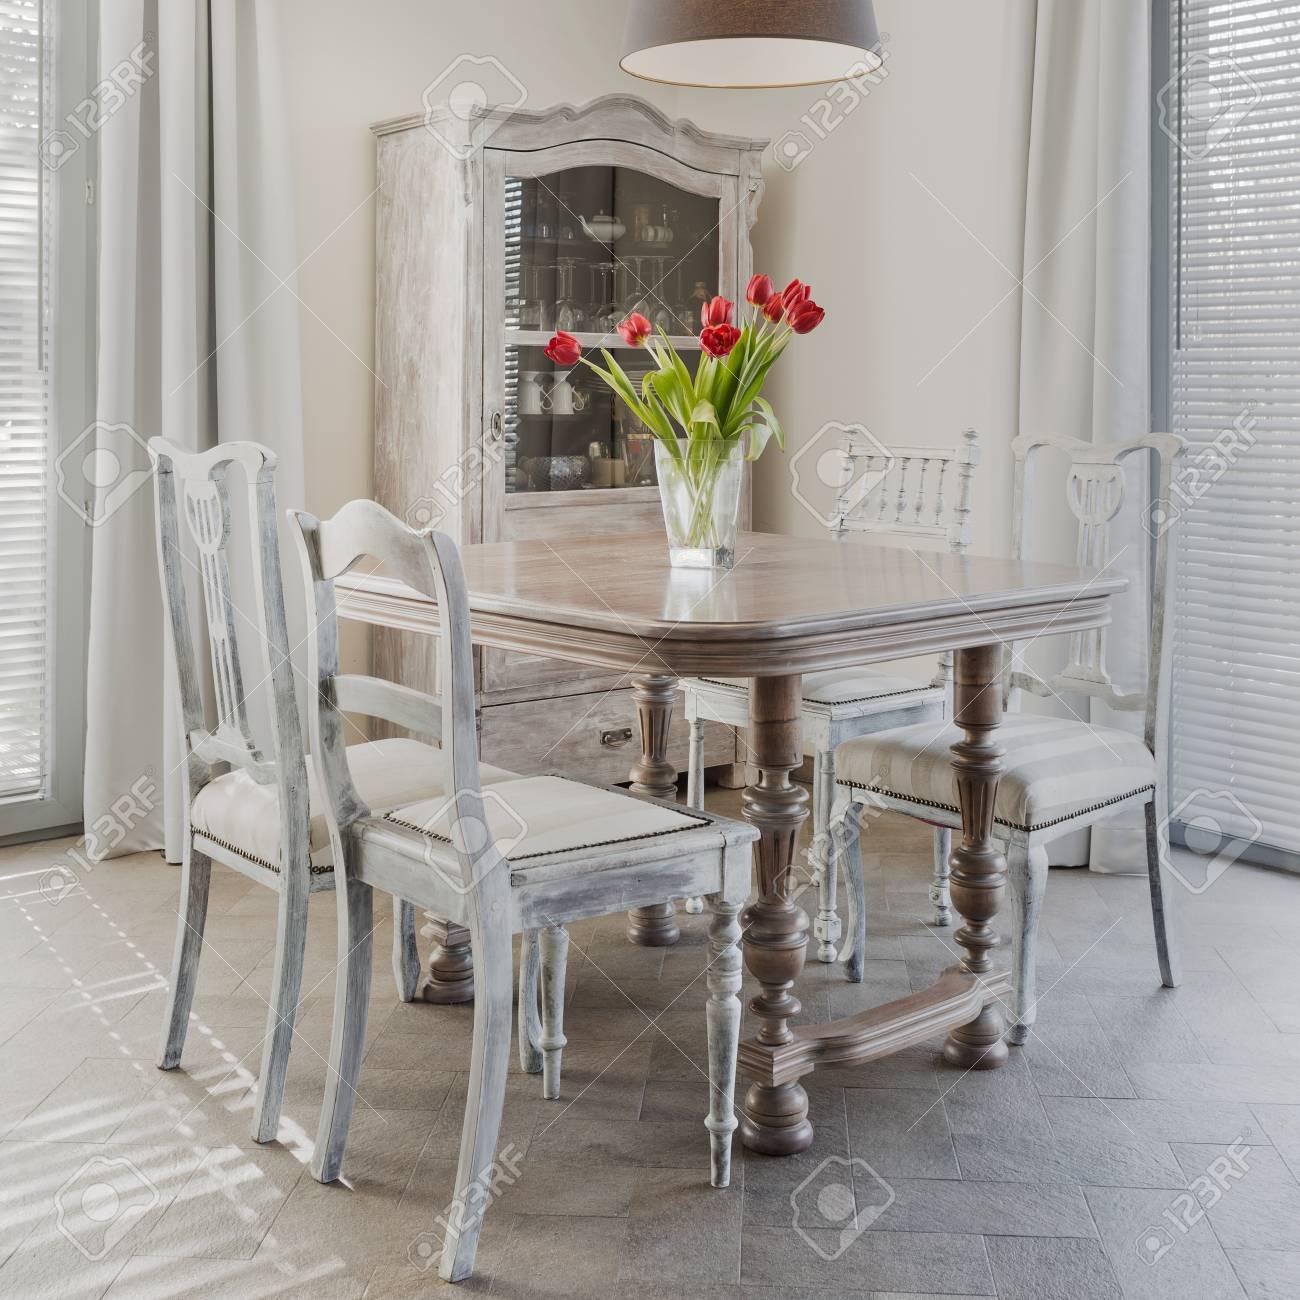 Immagini Stock - Tulipani Sul Tavolo In Sala Da Pranzo Retrò Image ...